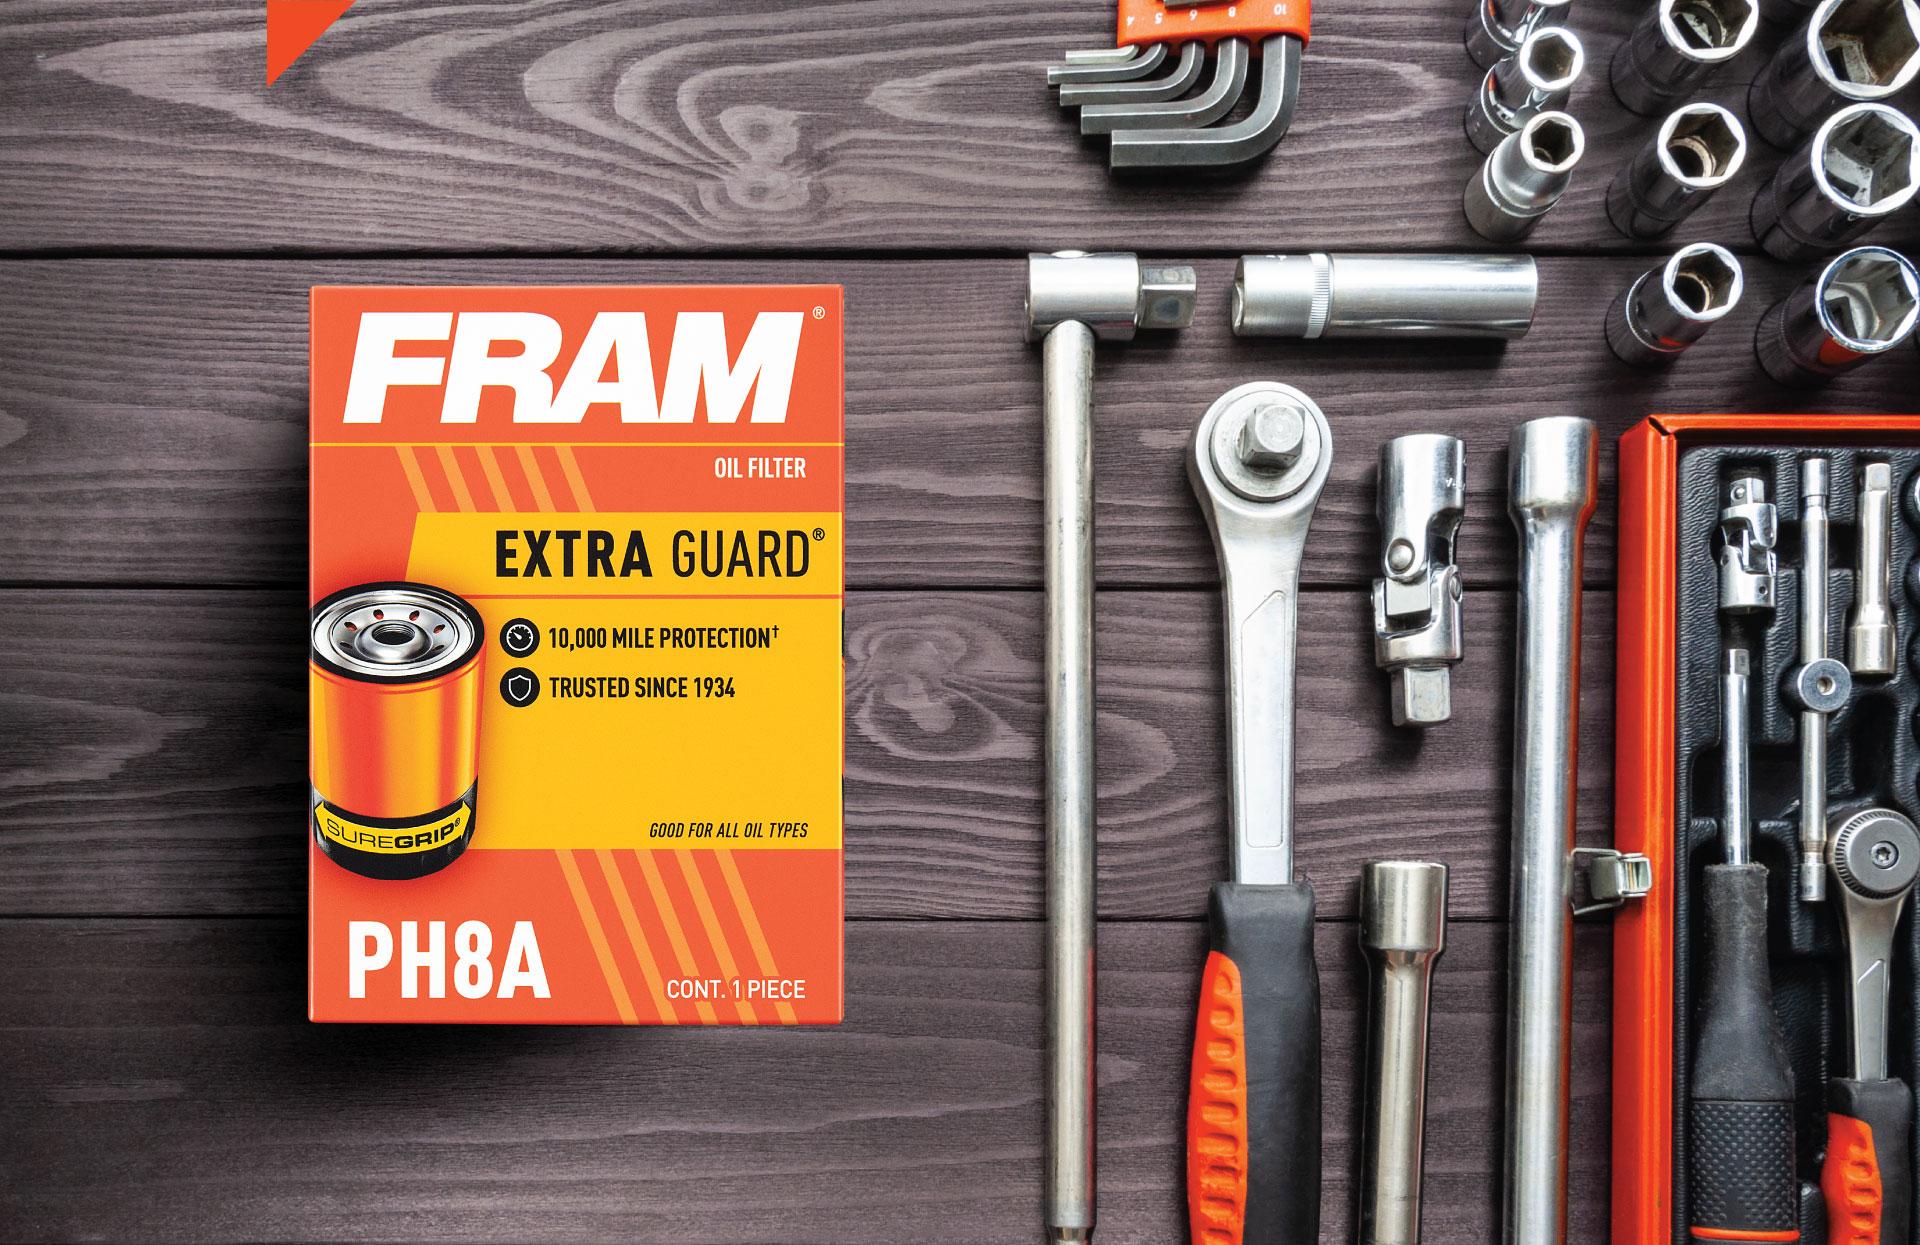 FRAM - In-Use